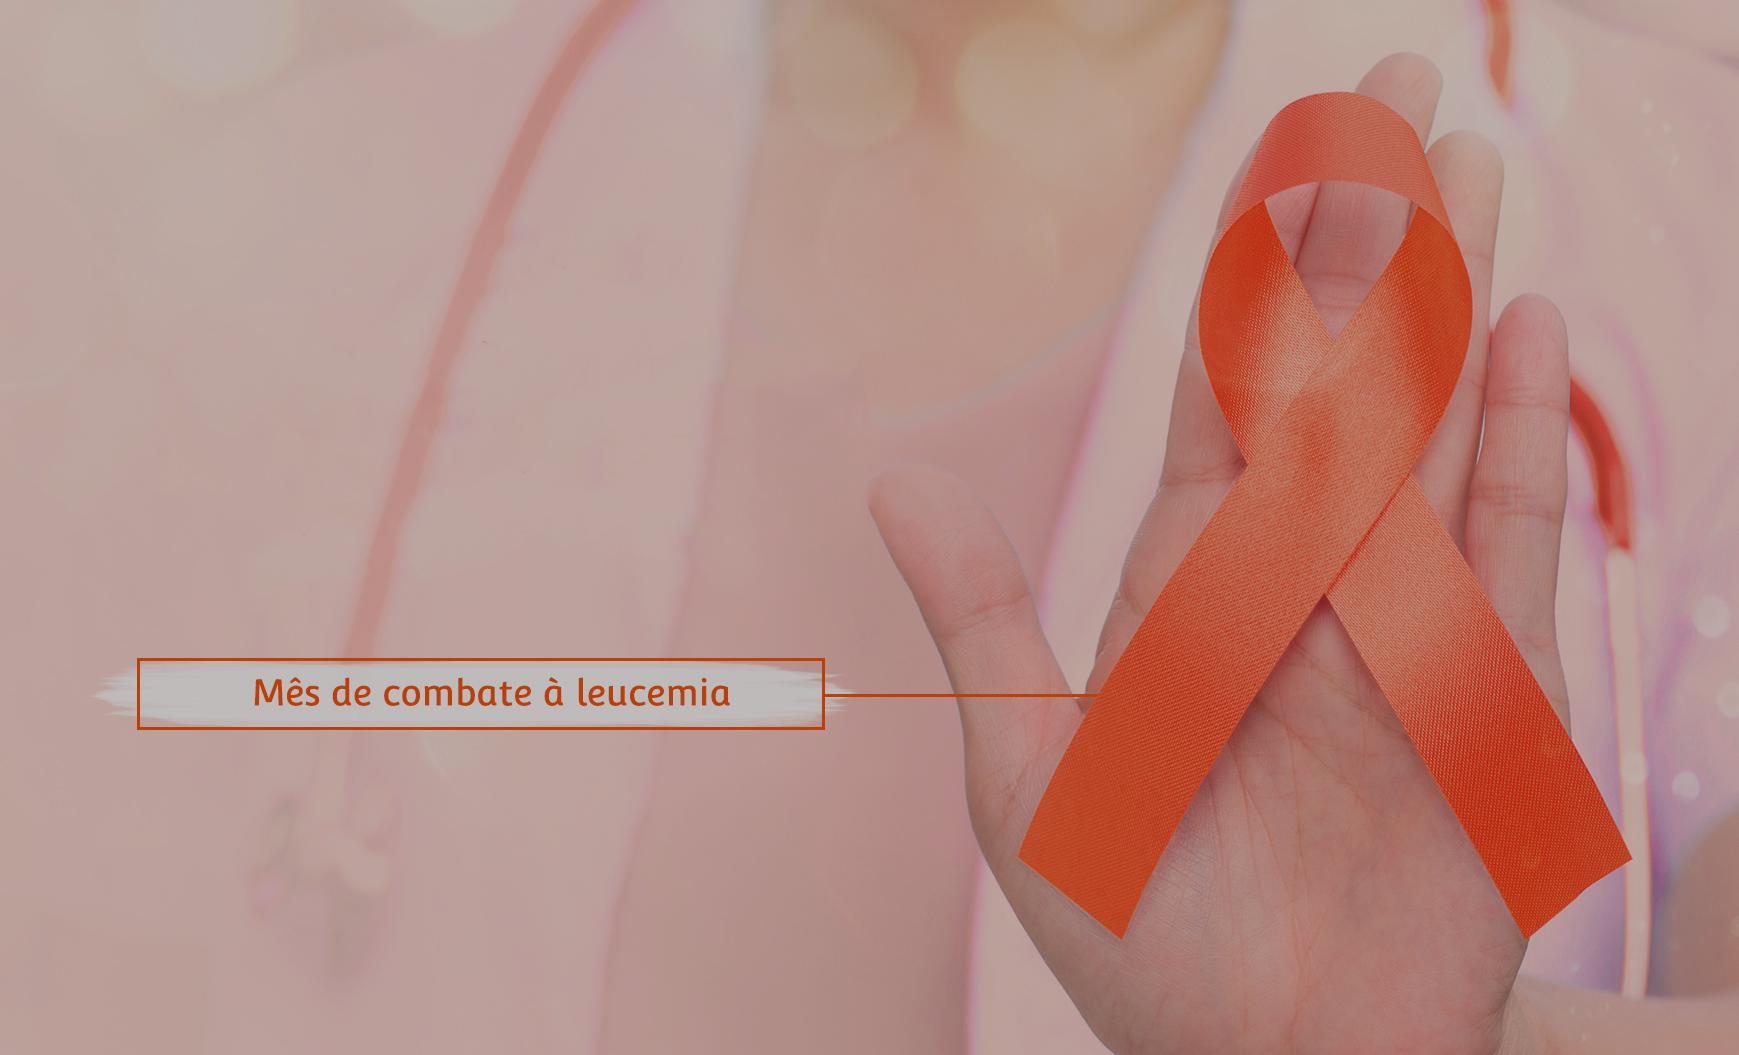 Fevereiro laranja: mês de combate à leucemia